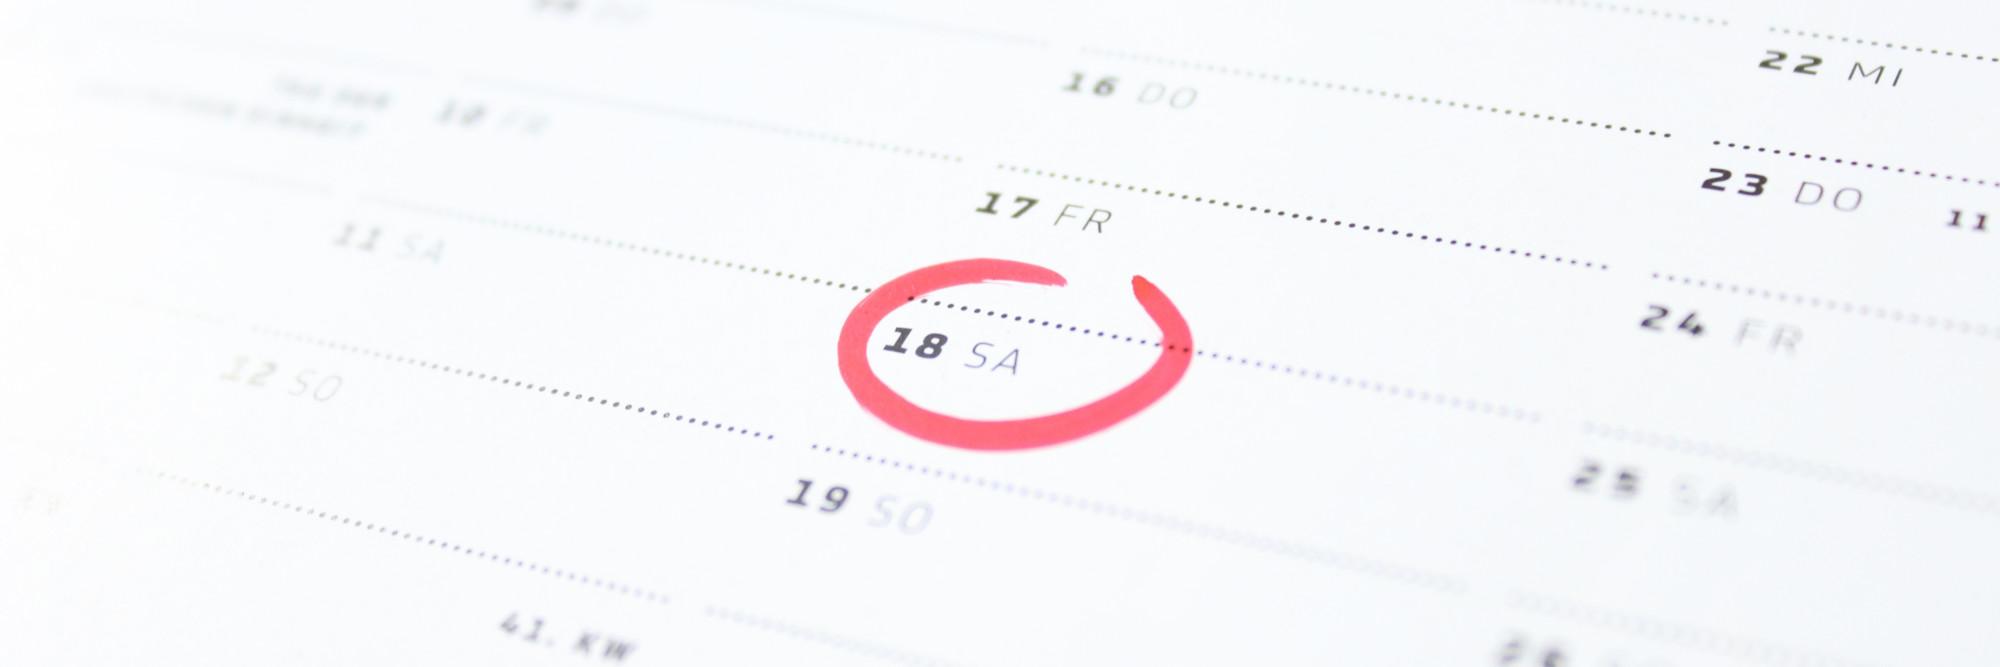 Ein Kalenderblatt, ein Tag markiert.